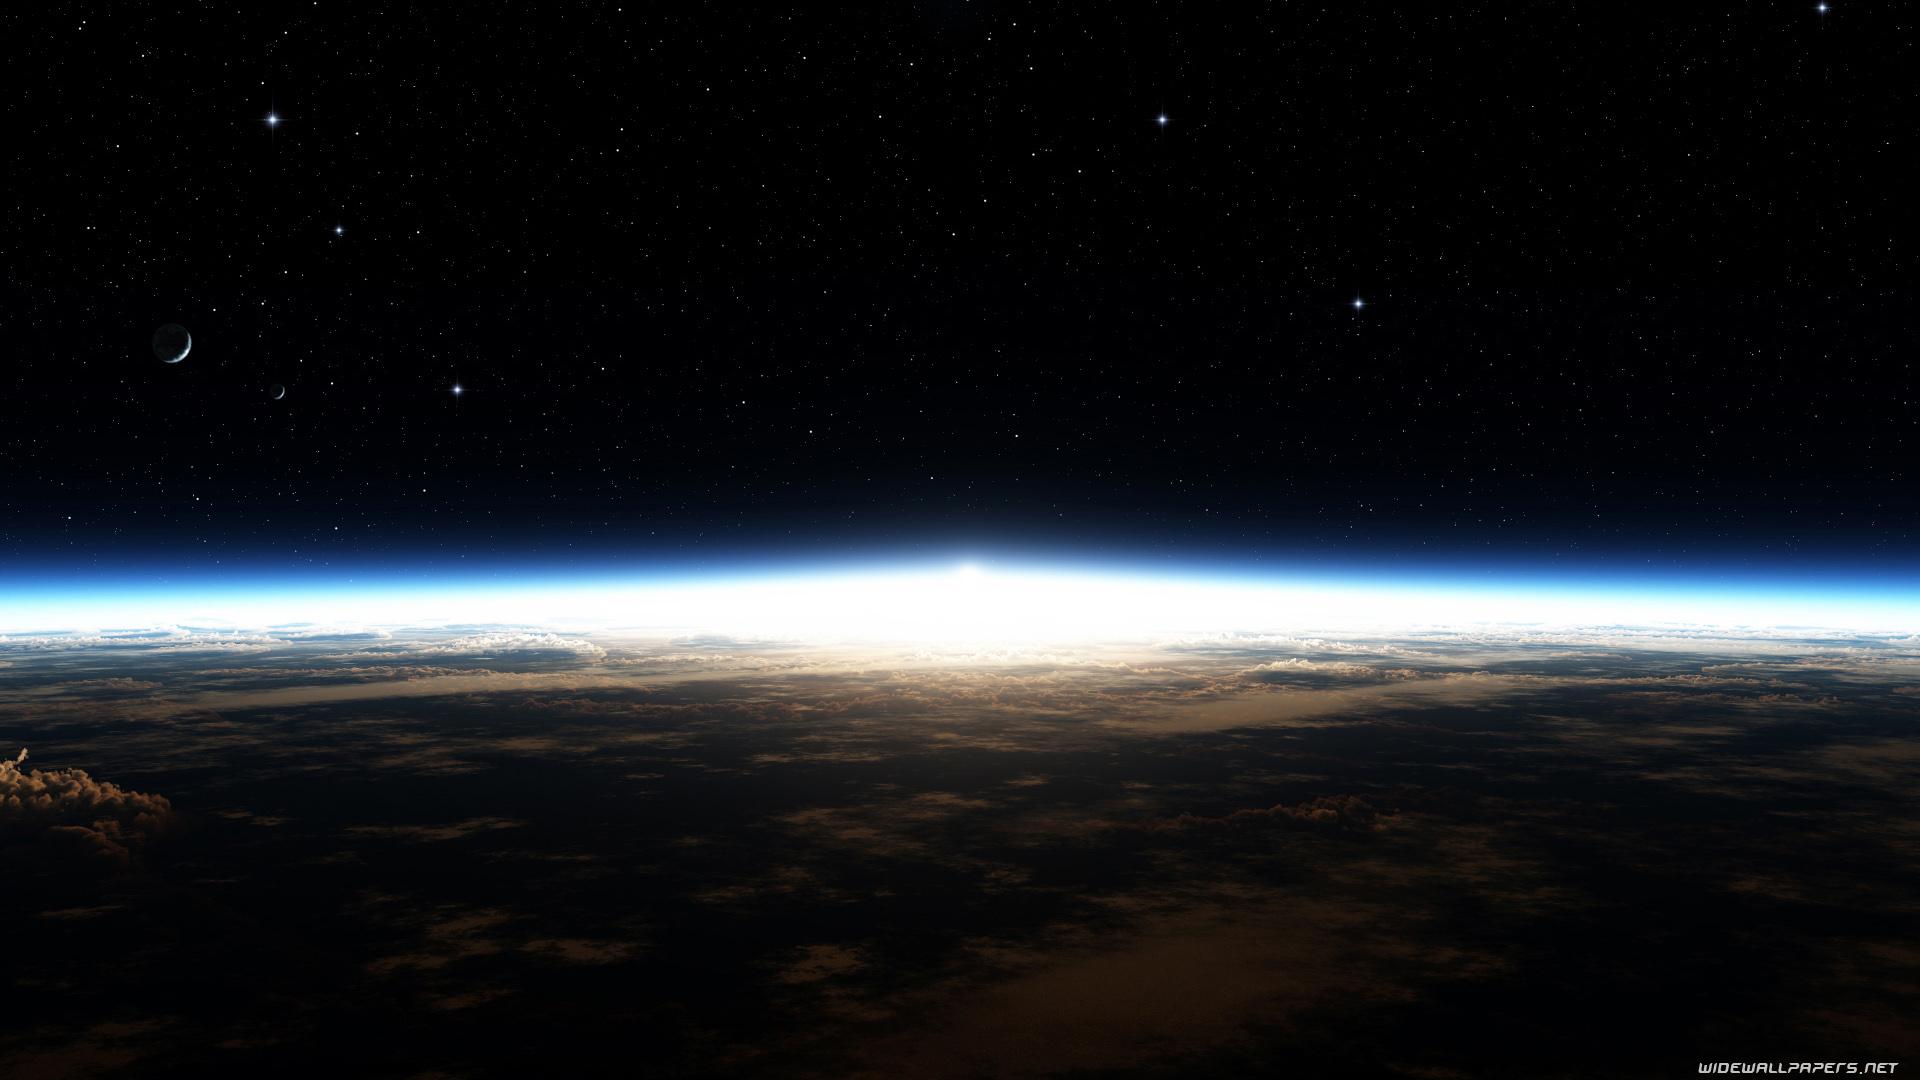 Widescreen Space Wallpaper - WallpaperSafari